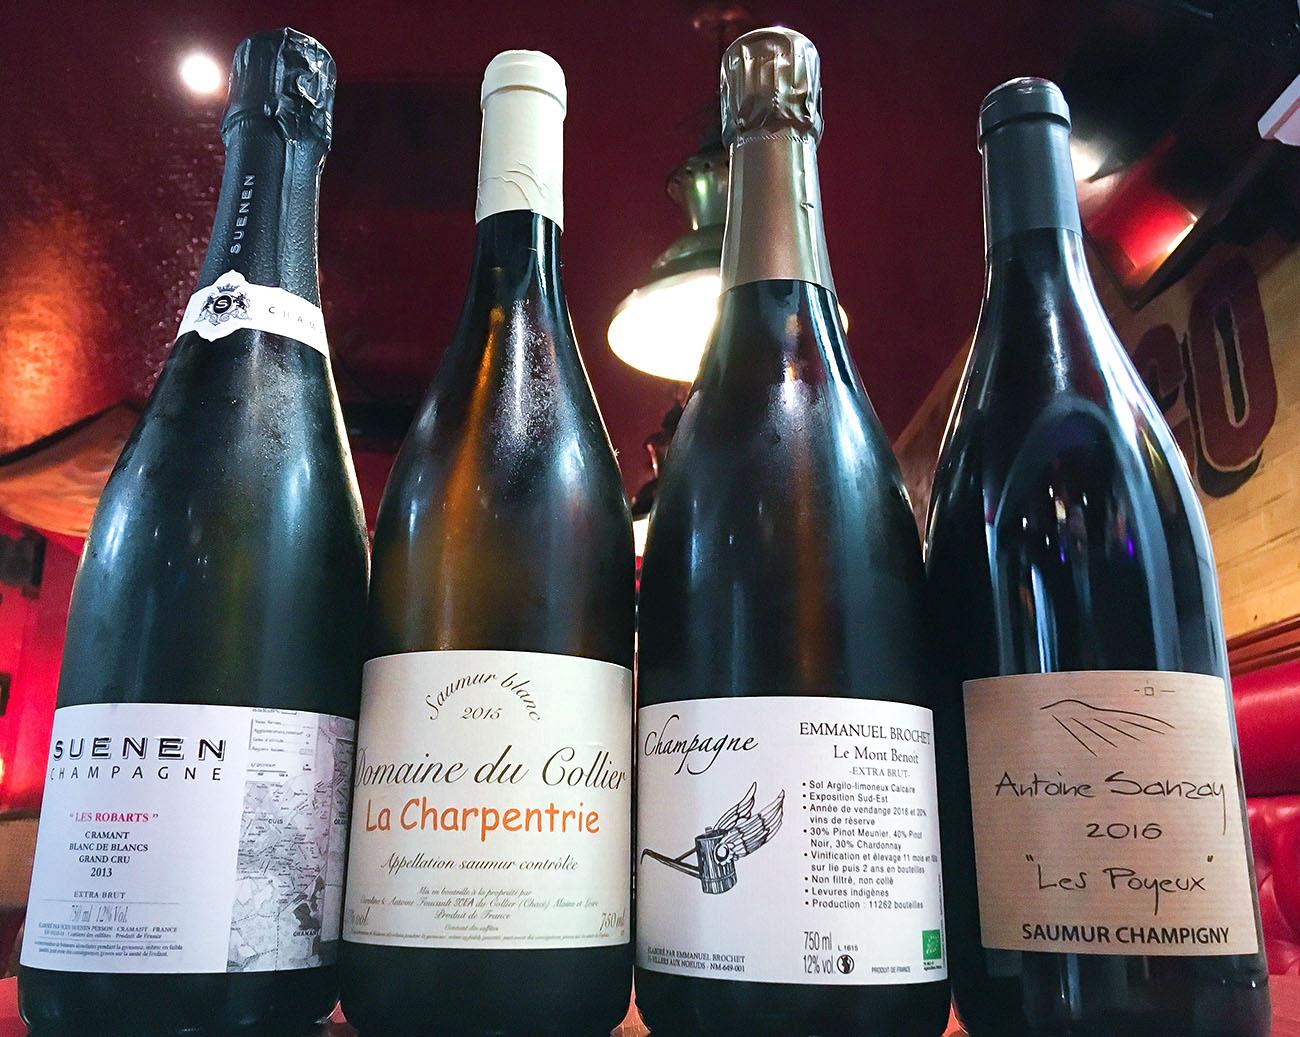 Une carte des vins et champagnes superbe et unique sur Reims. The Glue Pot : fameux bar à vins et Champagnes situé à Reims !